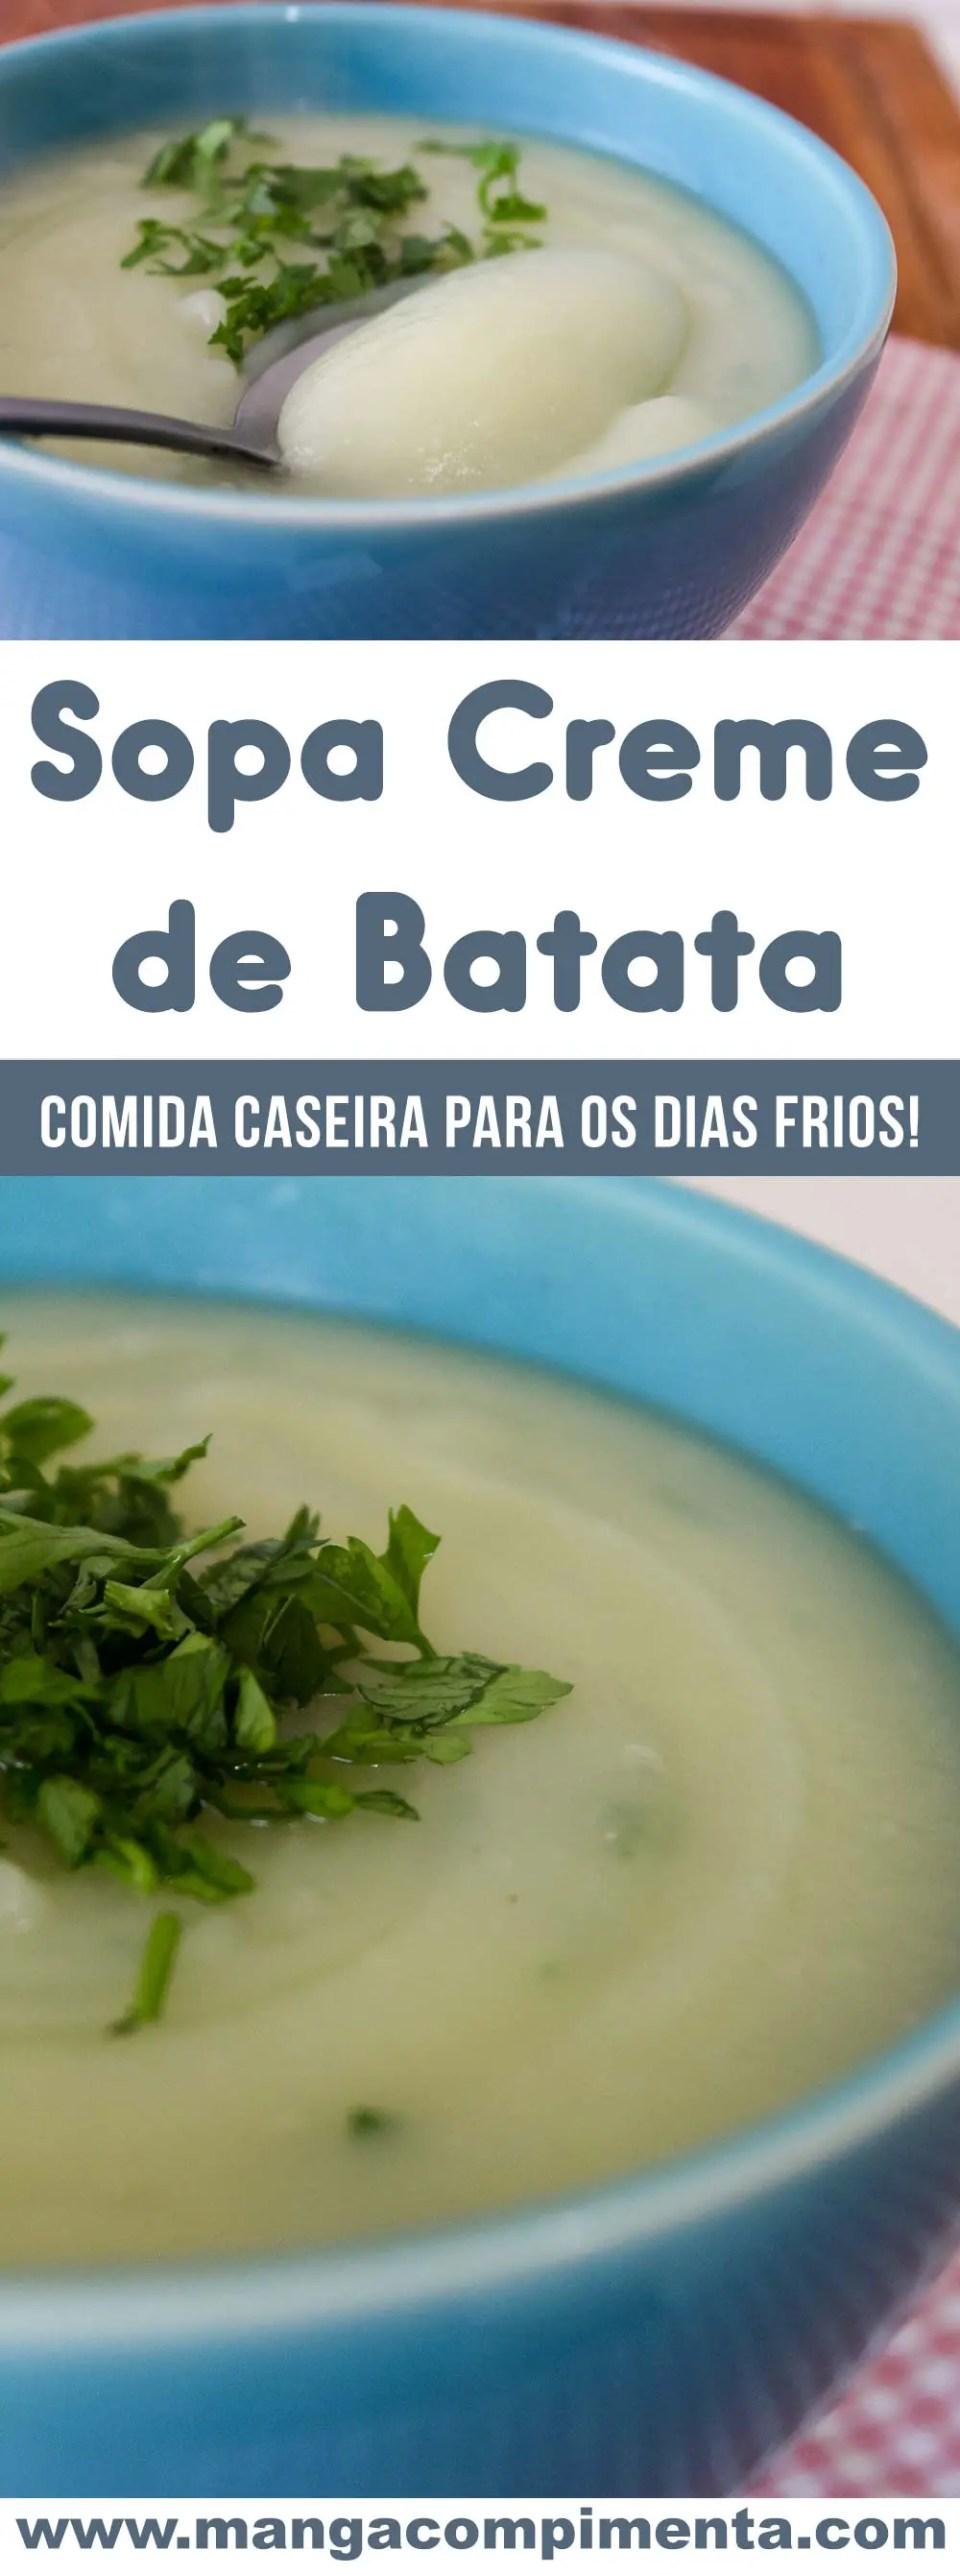 Sopa Creme de Batata - aproveite os dias frios para fazer uma comidinha bem quentinha!